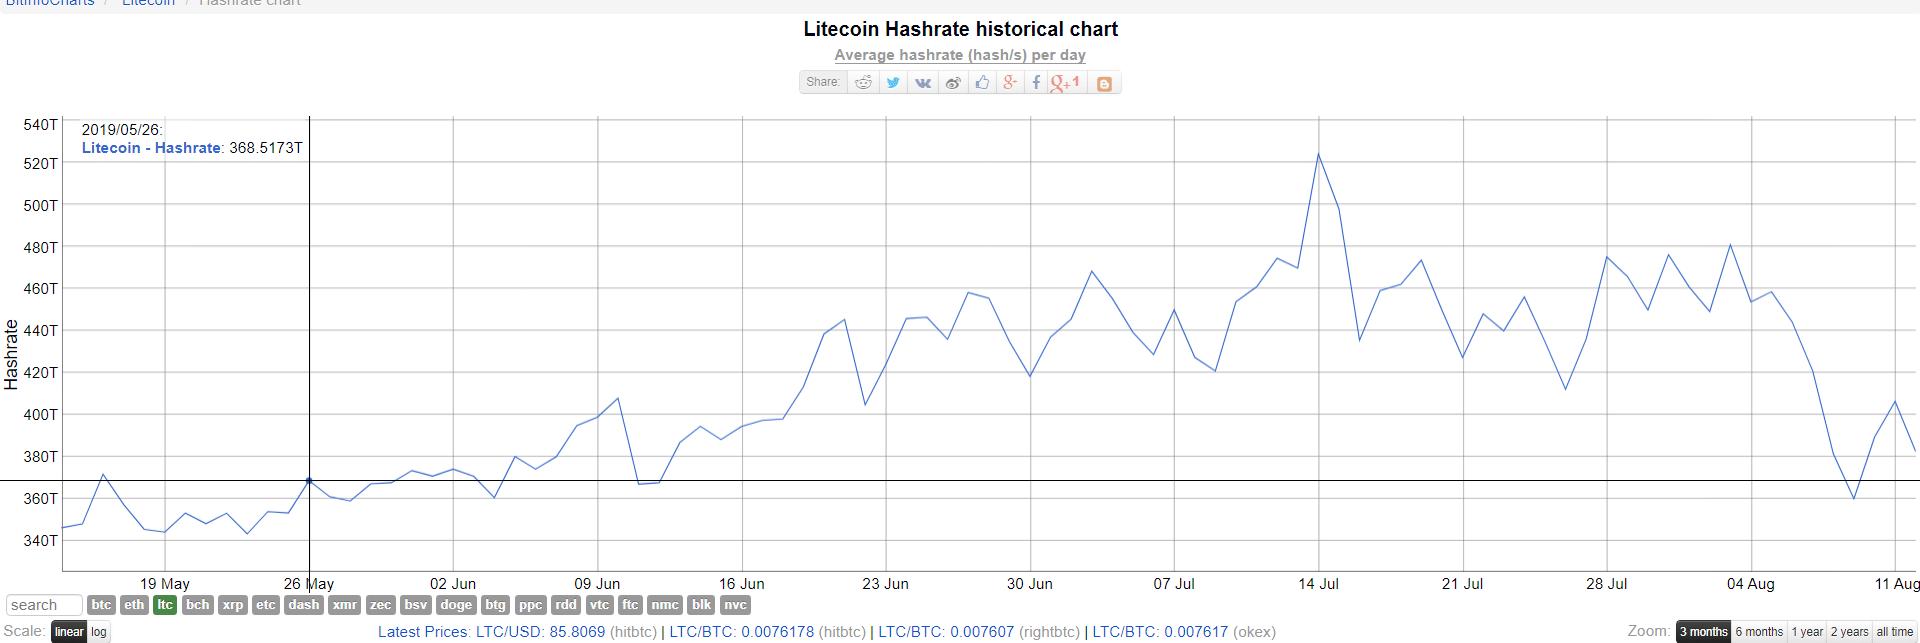 Litecoin hashrate halving